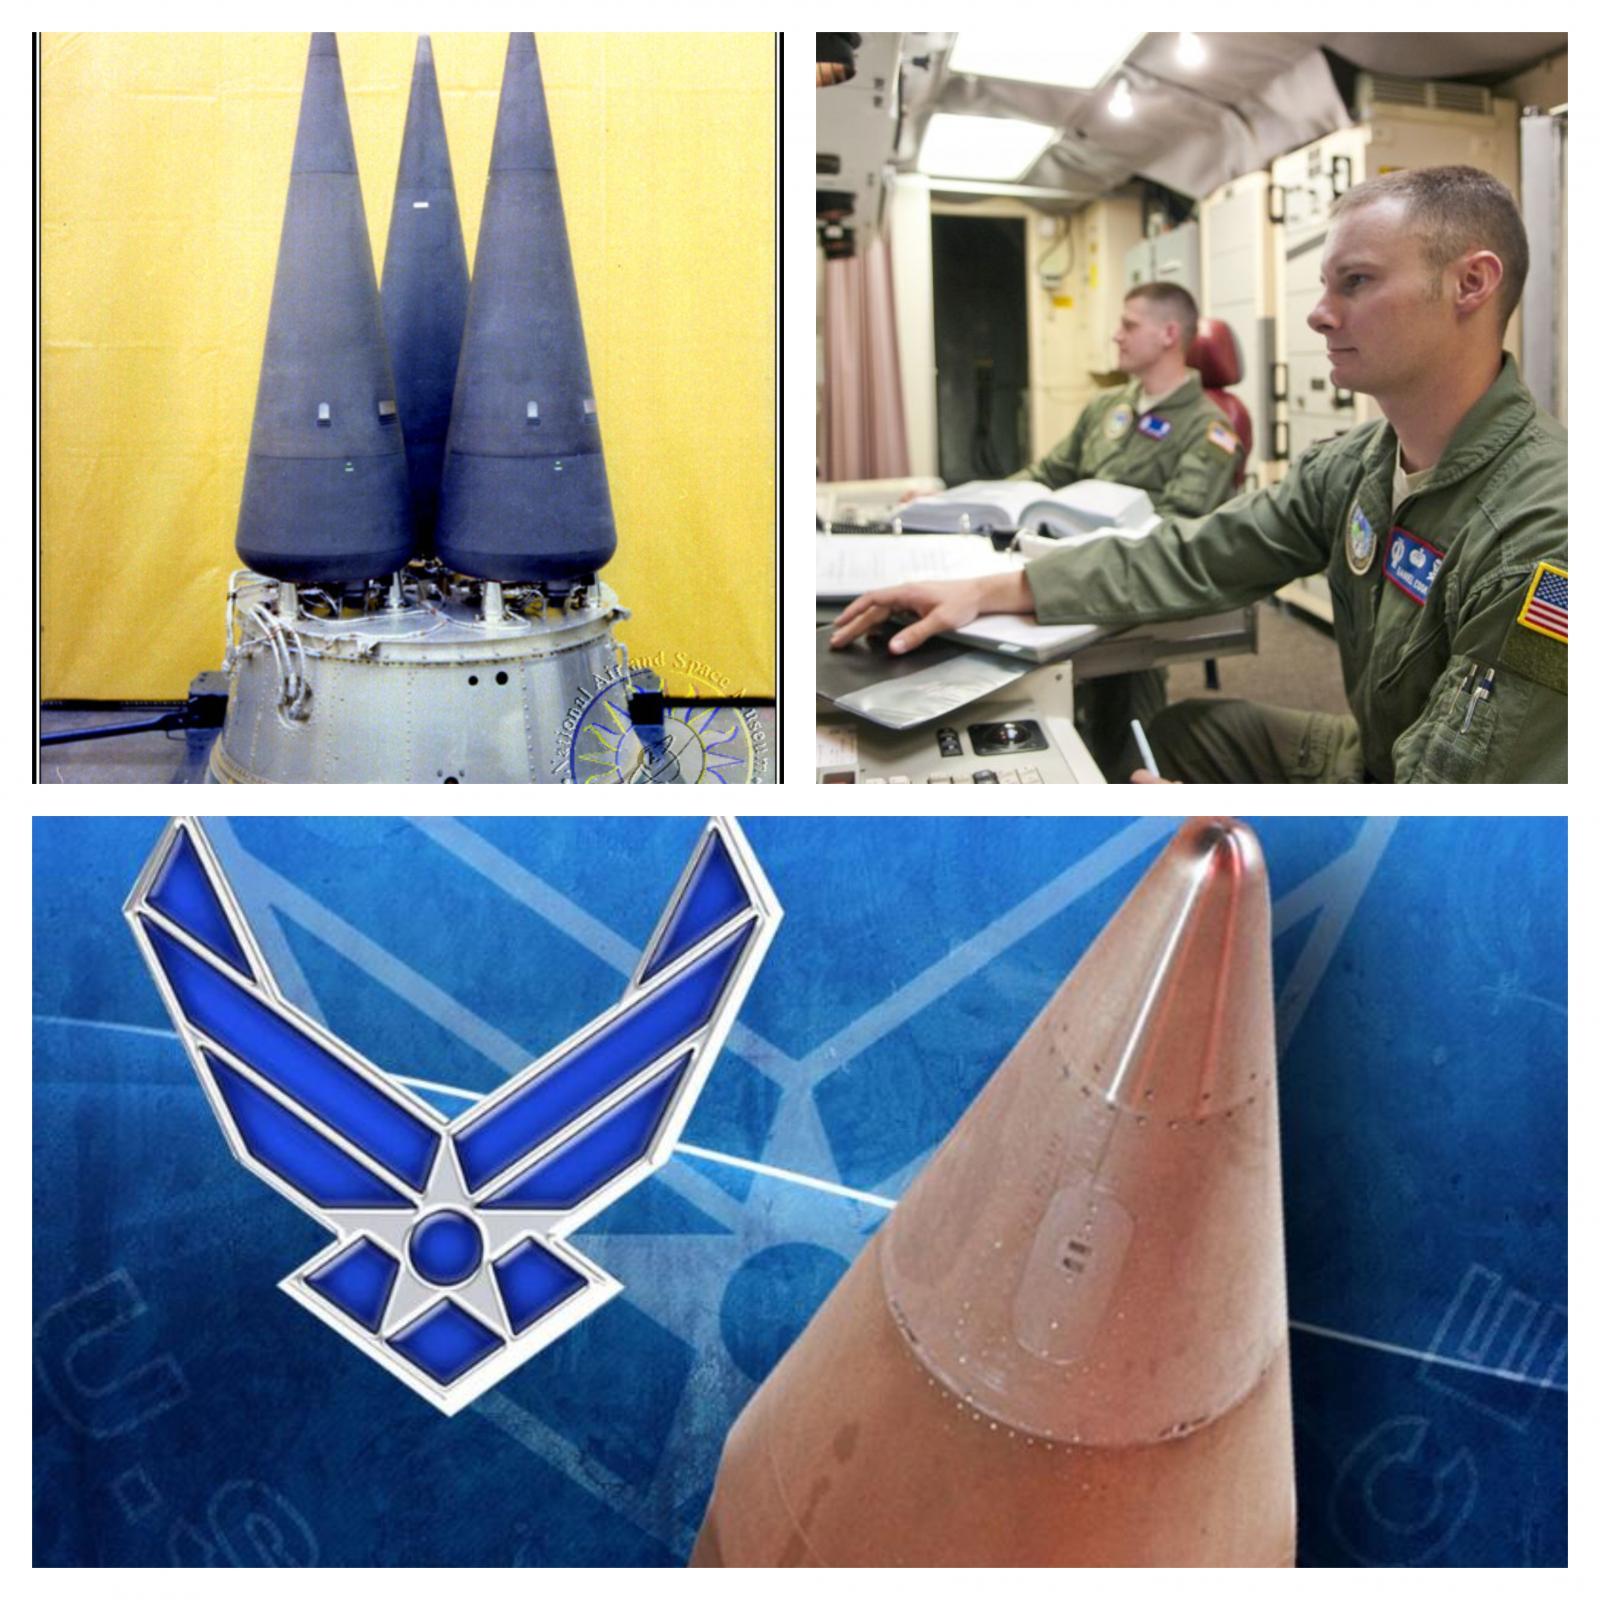 Operaterji ameriških jedrskih raket